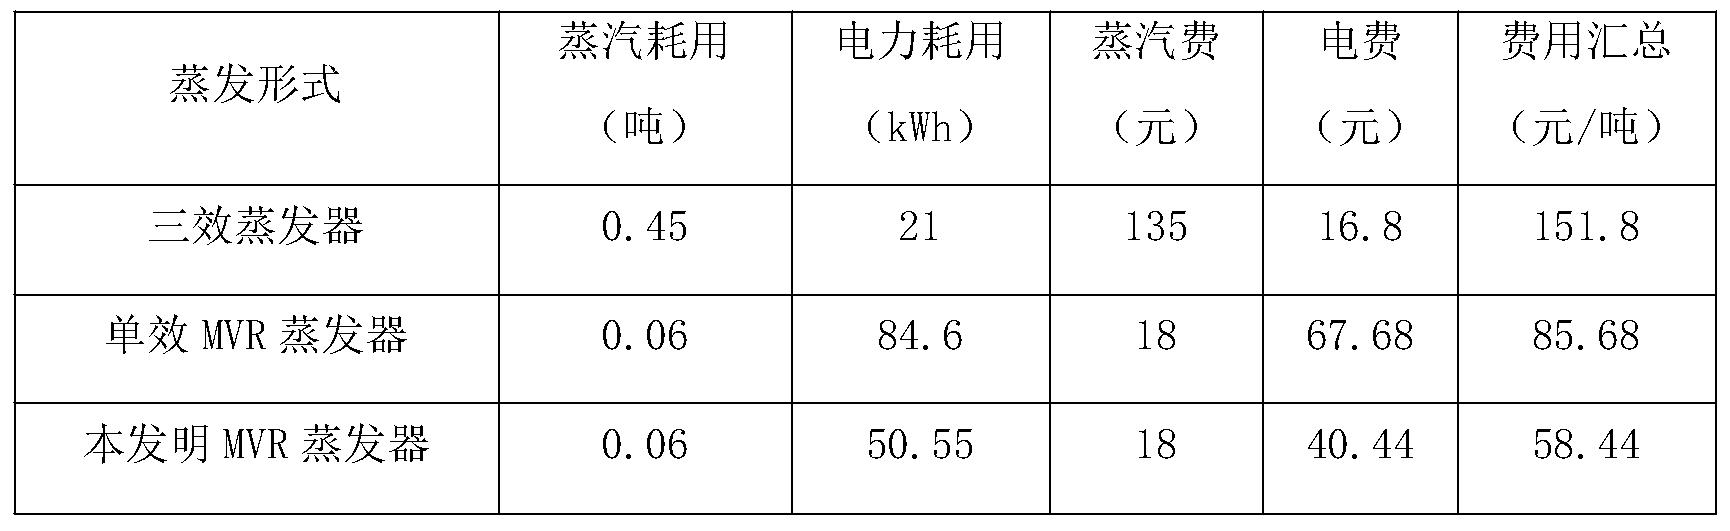 Figure PCTCN2016071168-appb-000004